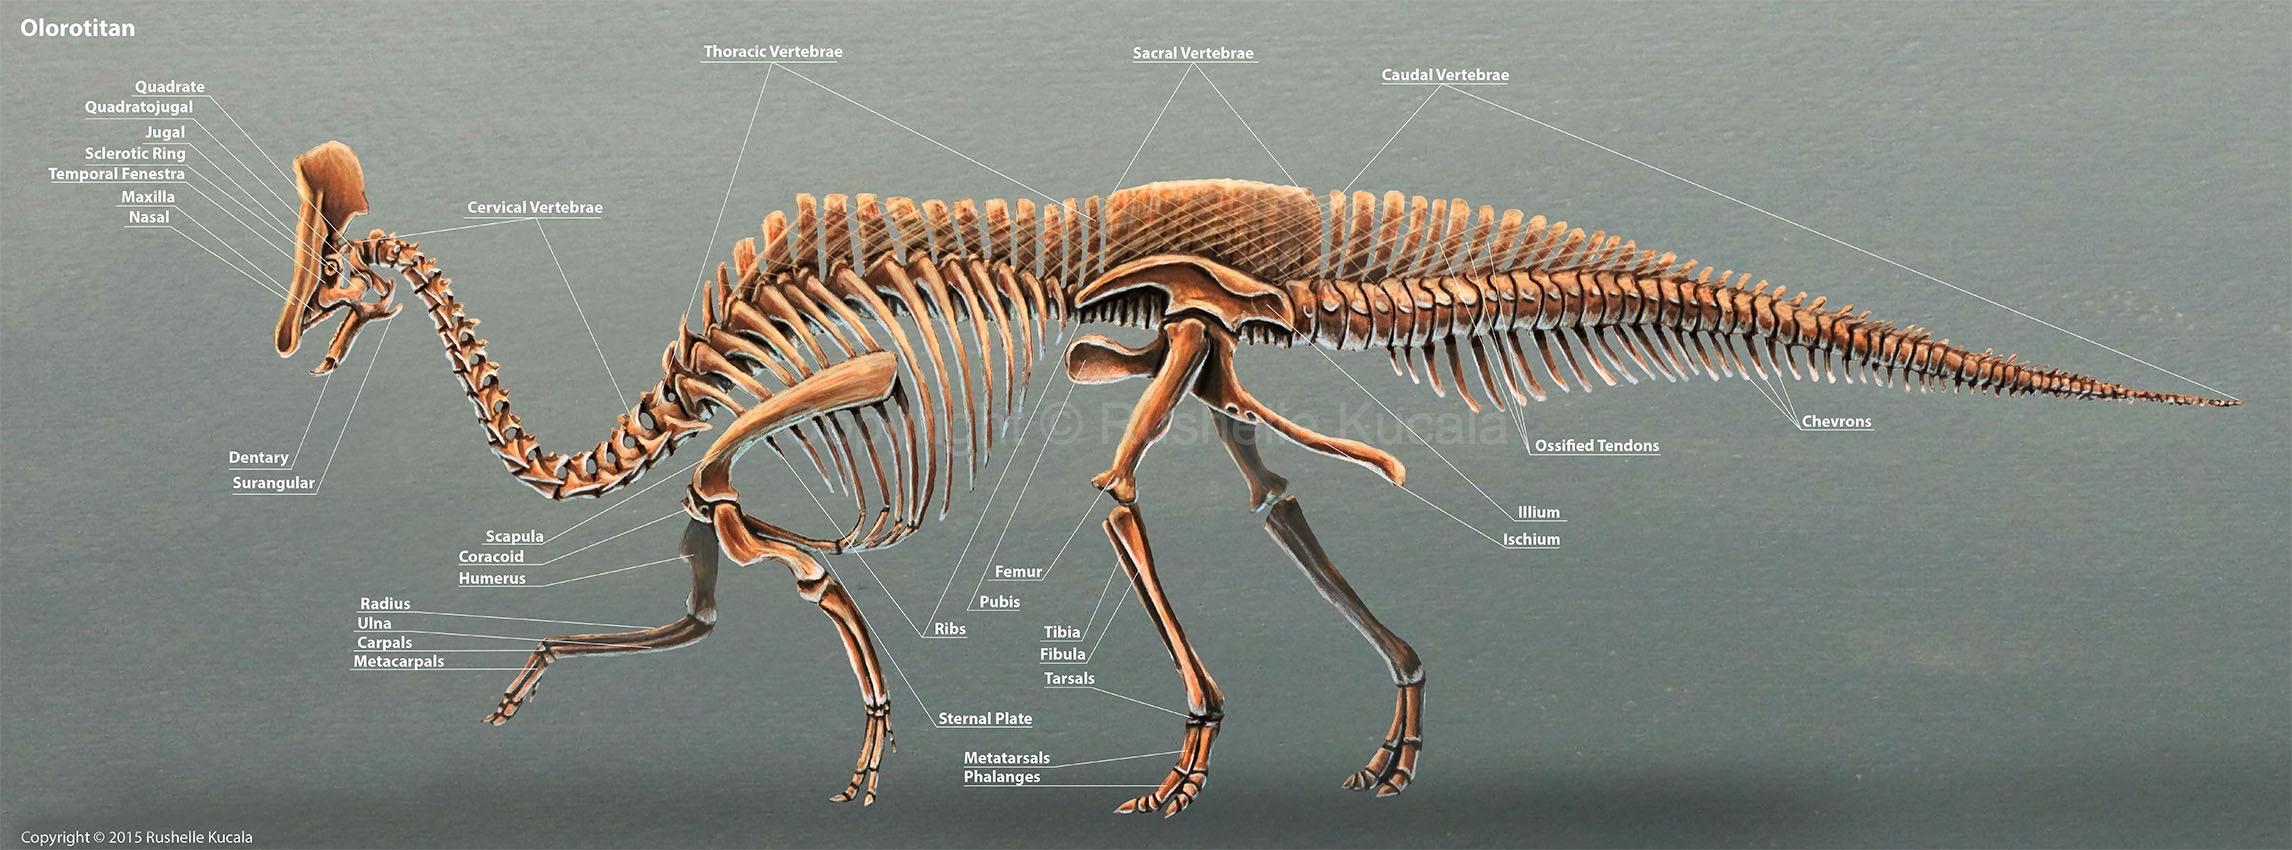 Olorotitan Skeletal Reconstruction by TheDragonofDoom